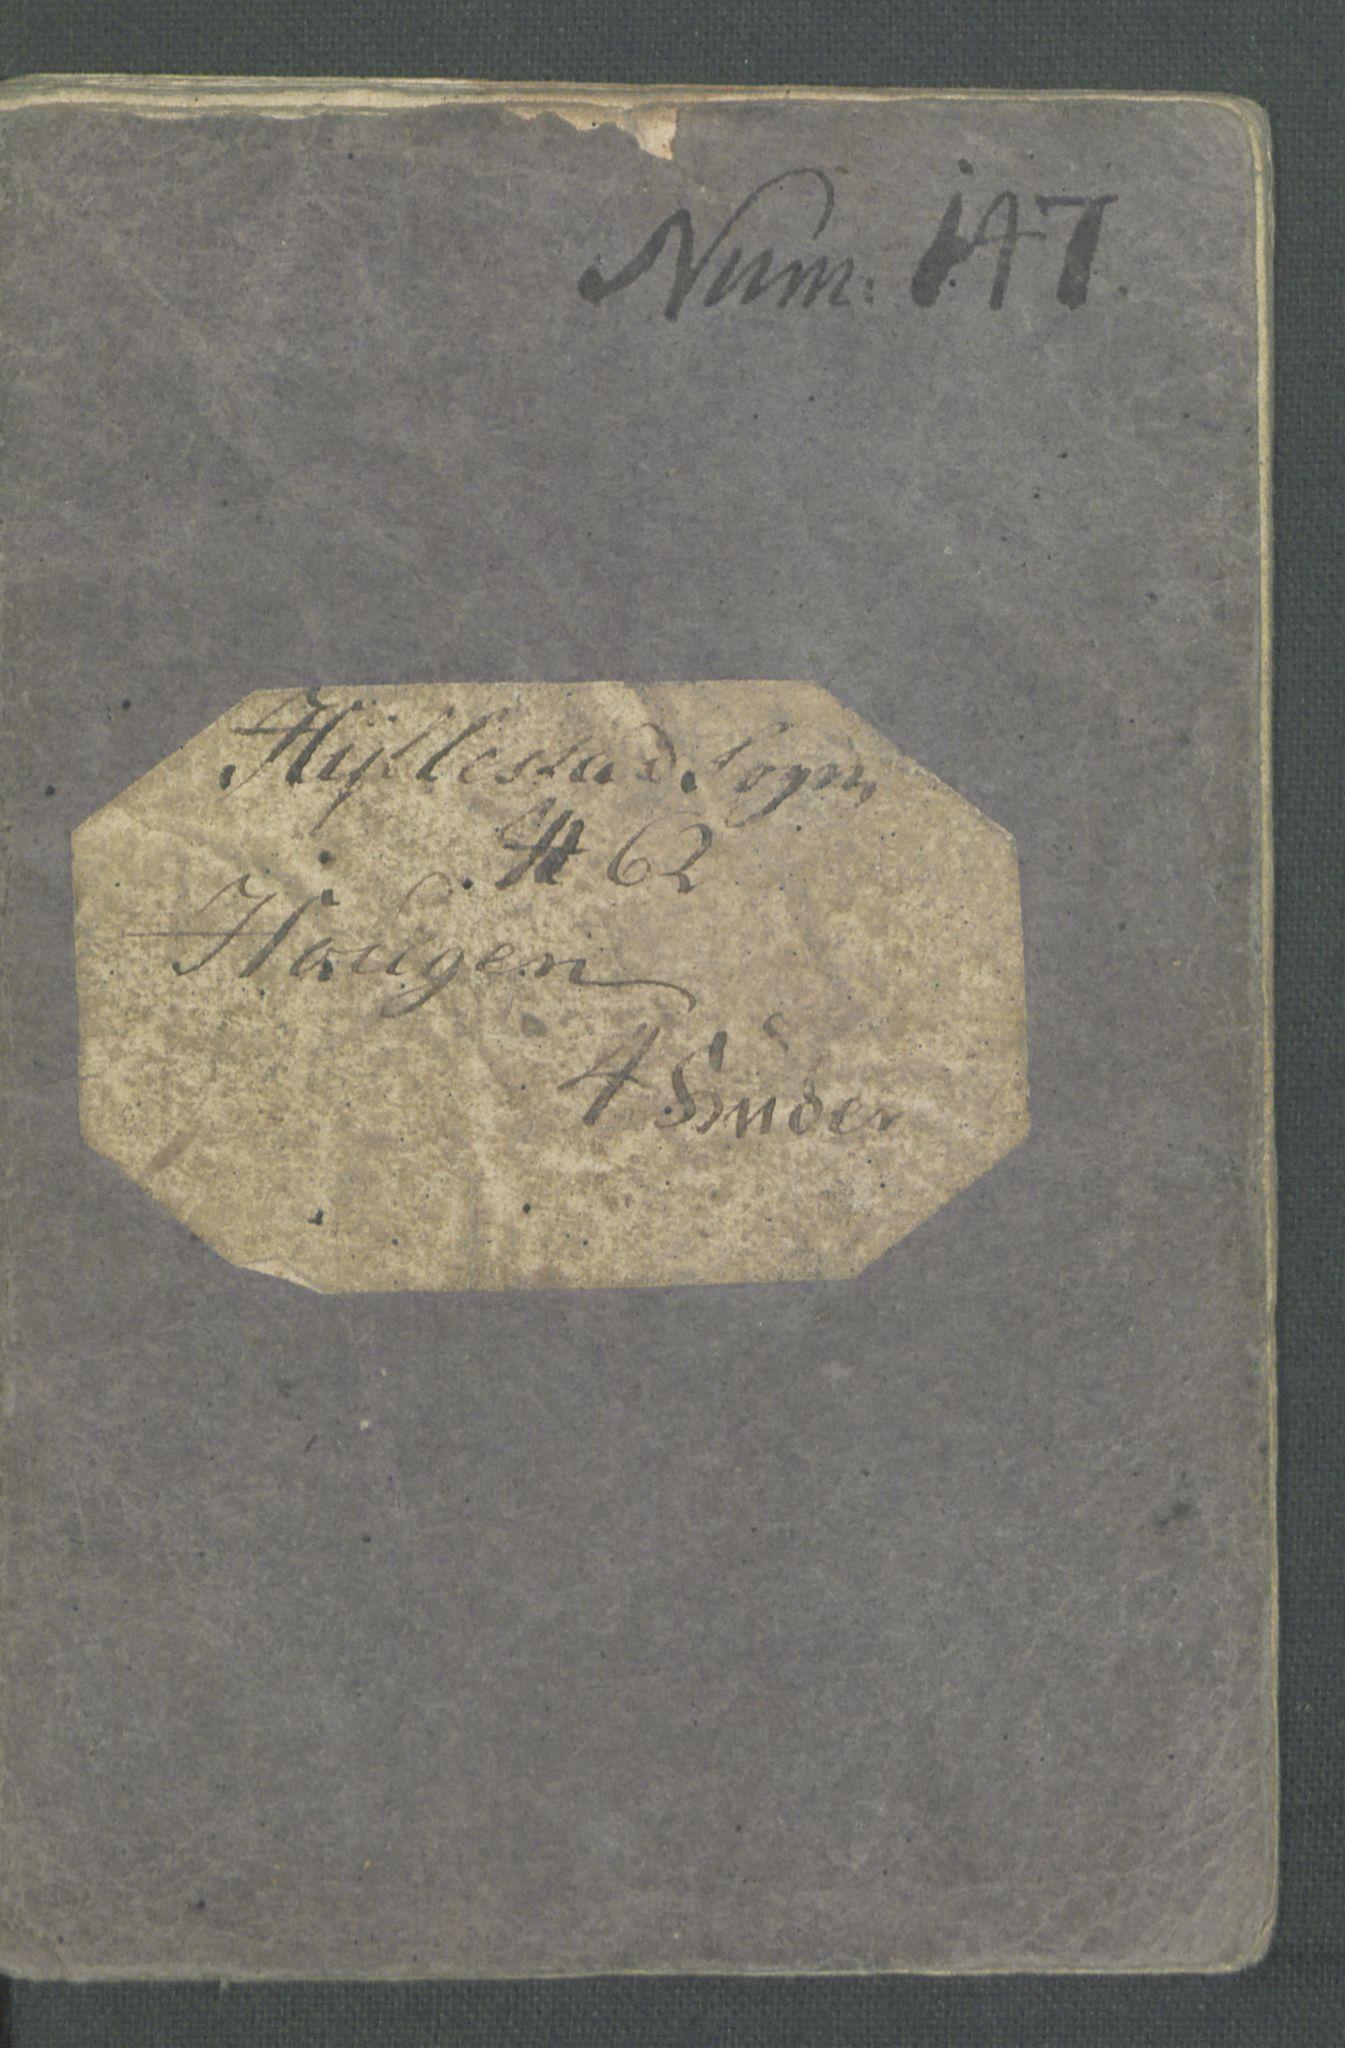 RA, Rentekammeret inntil 1814, Realistisk ordnet avdeling, Od/L0001: Oppløp, 1786-1769, s. 253